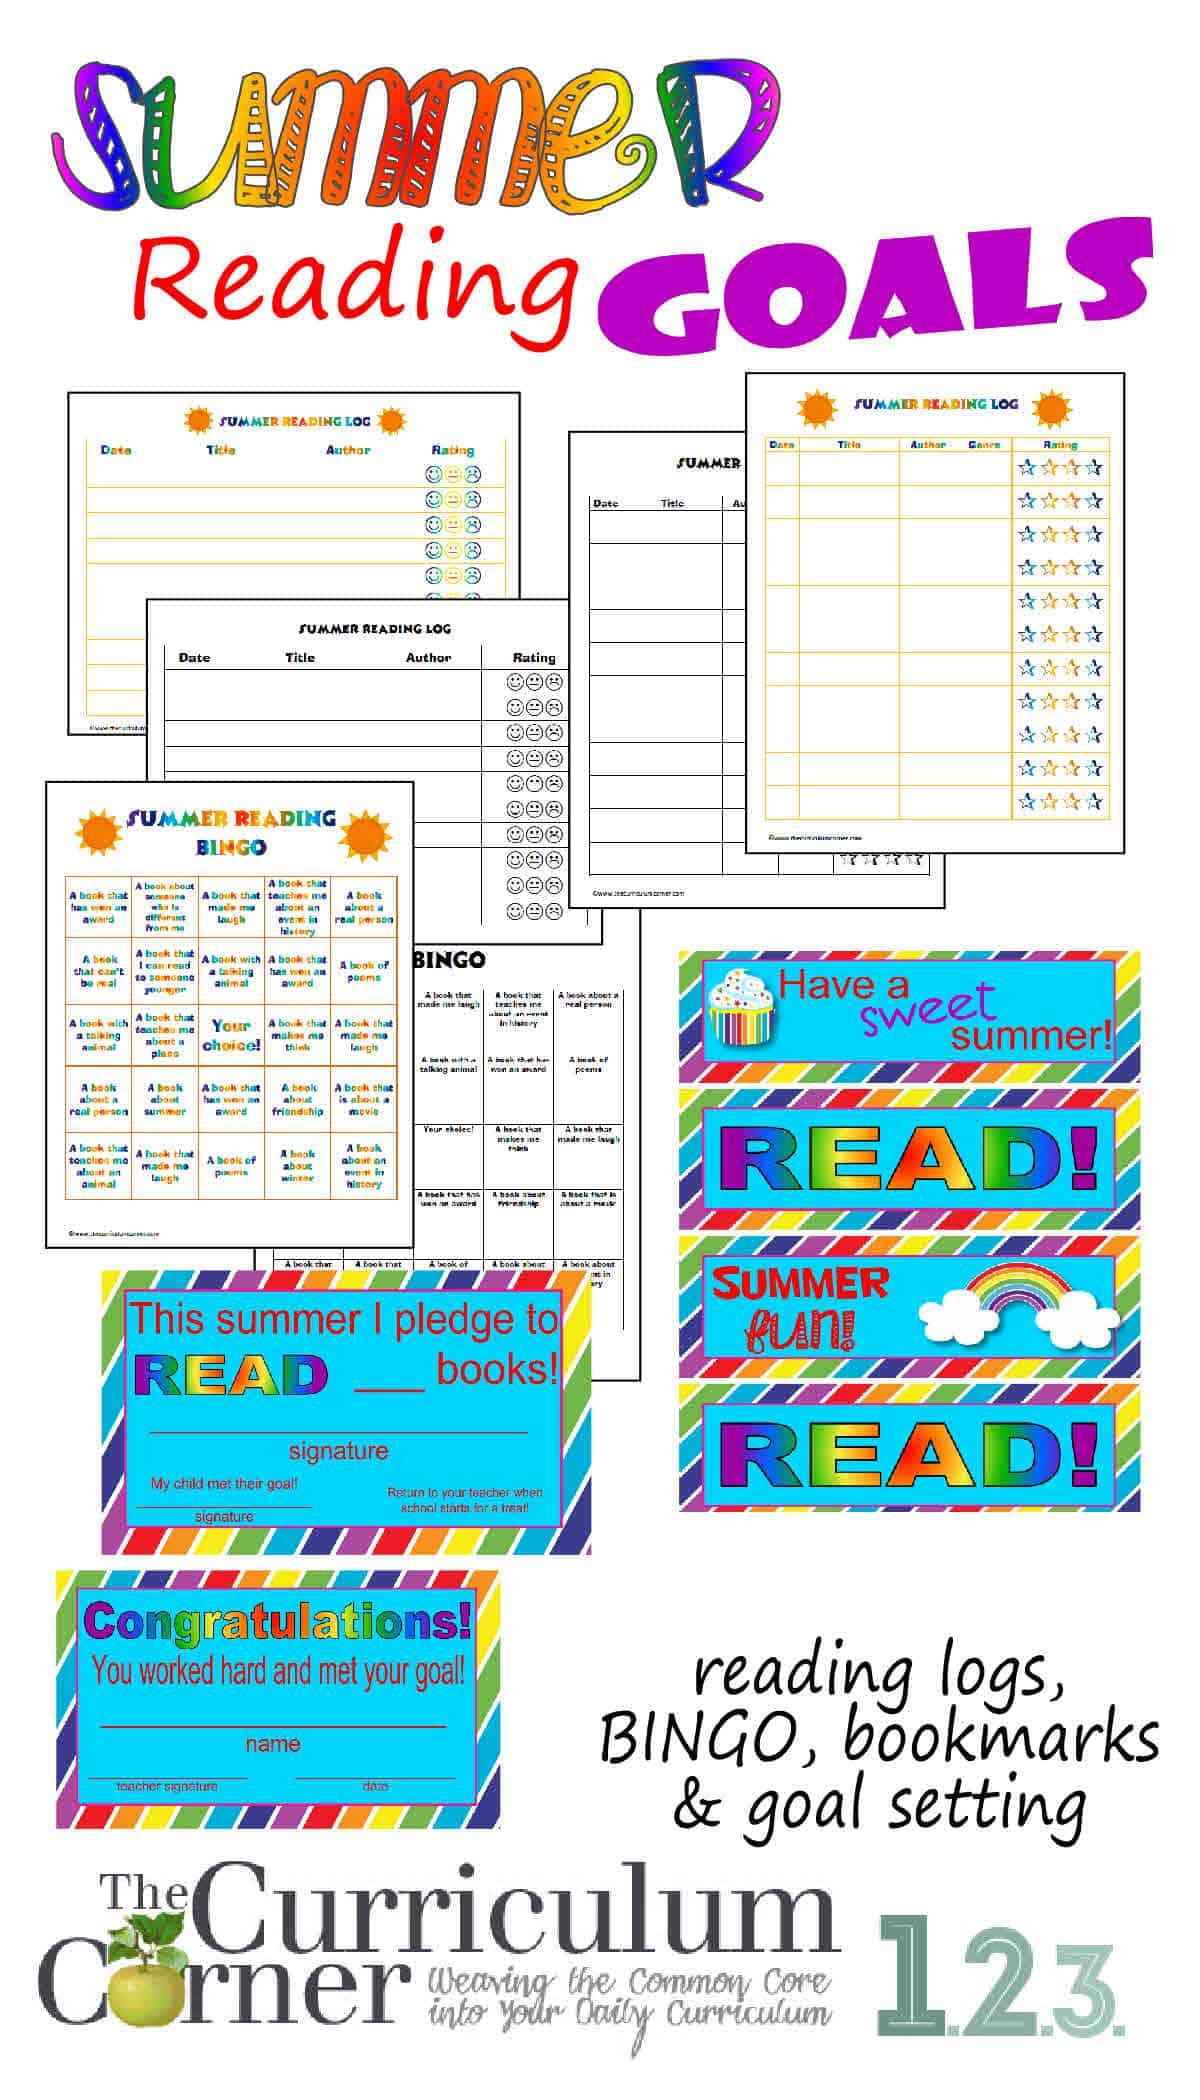 Summer Reading Goals - The Curriculum Corner 123